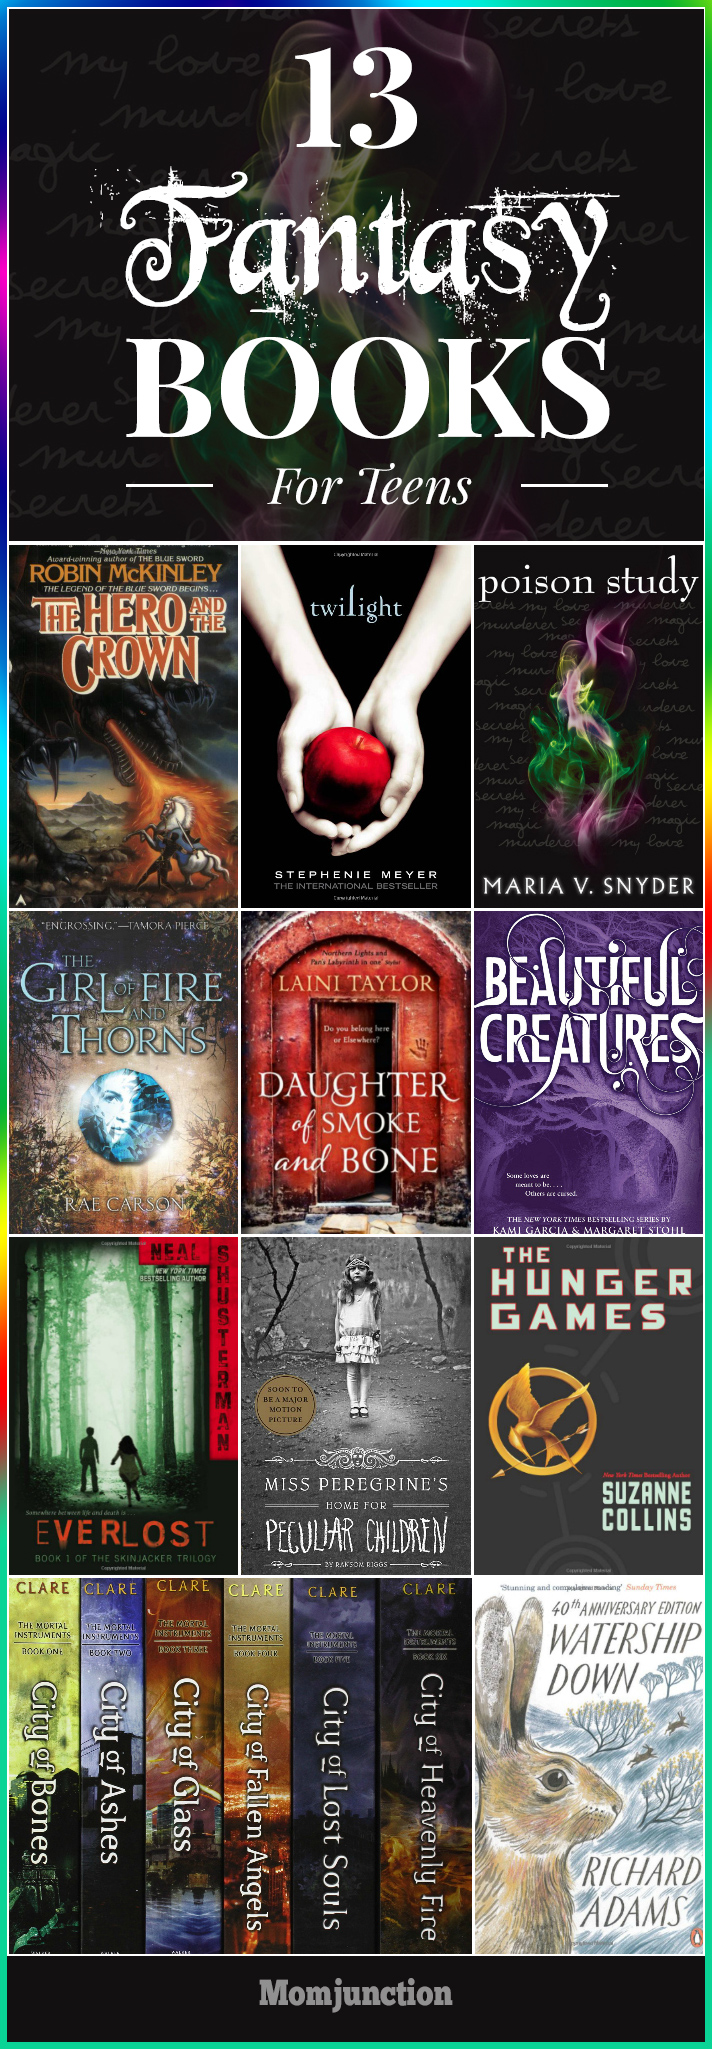 Teen fantsy series books